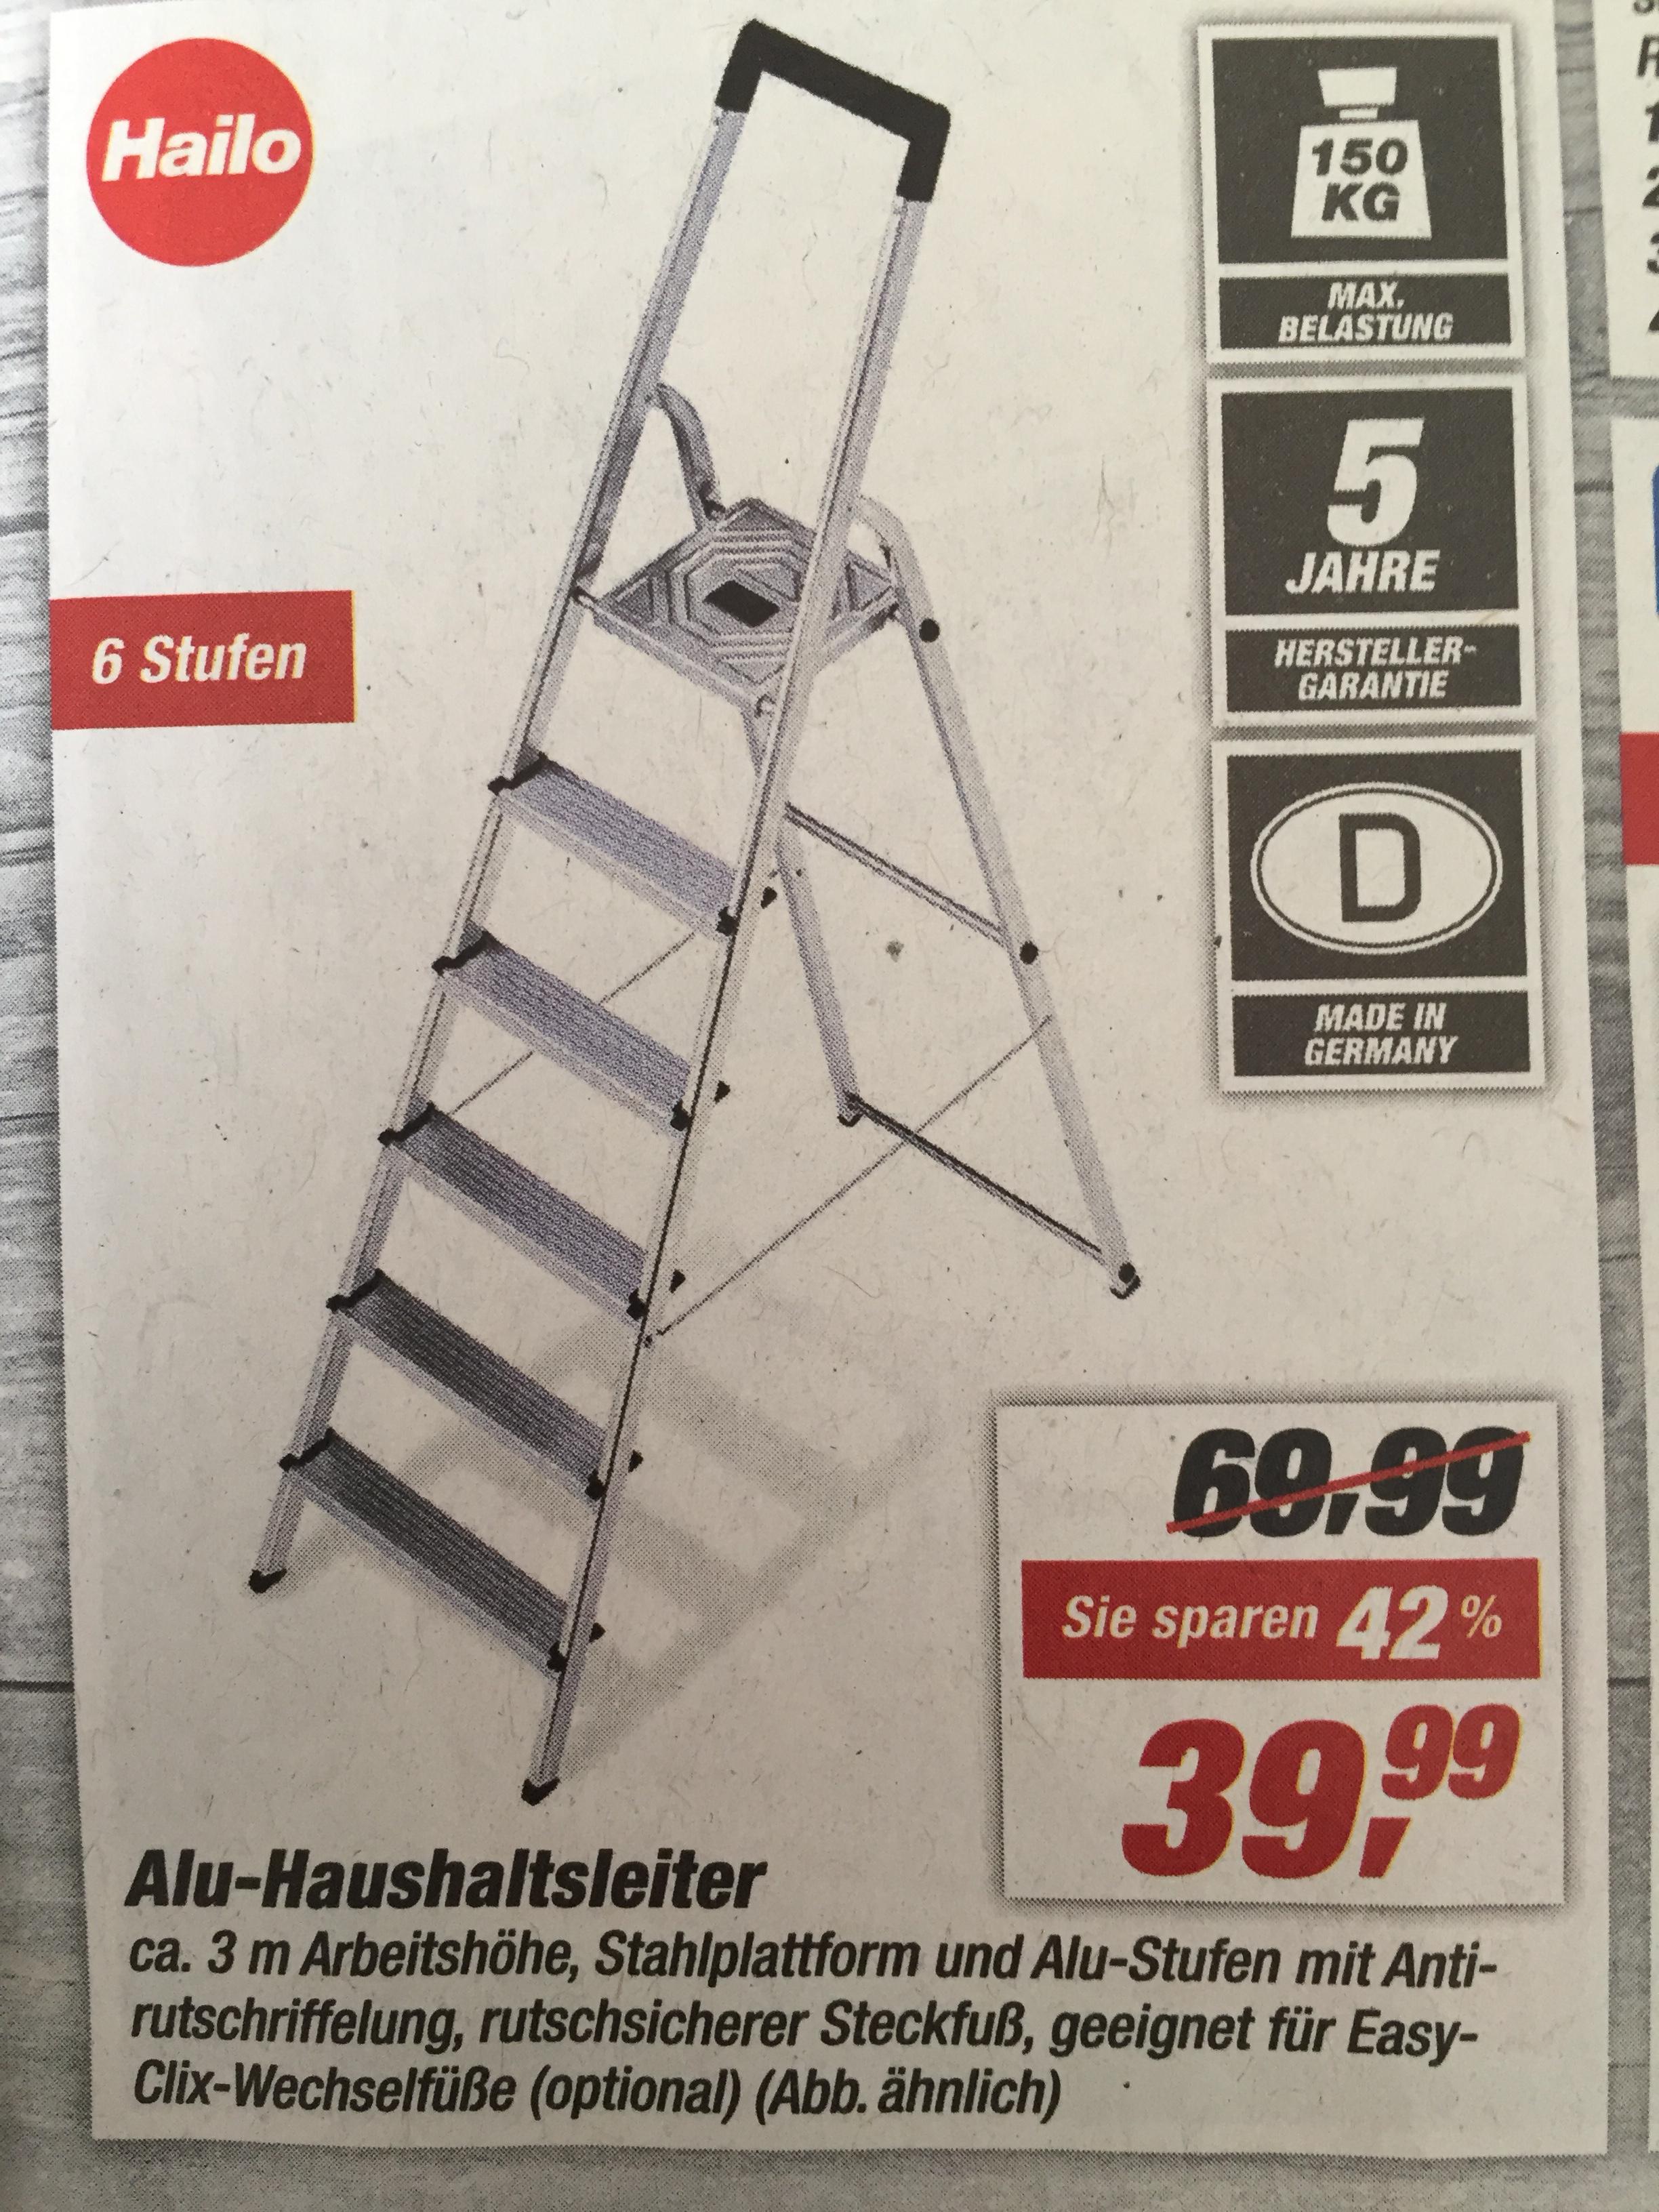 [toom Baumarkt] Hailo Alu-Haushaltsleiter 6 Stufen 3m Arbeitshöhe